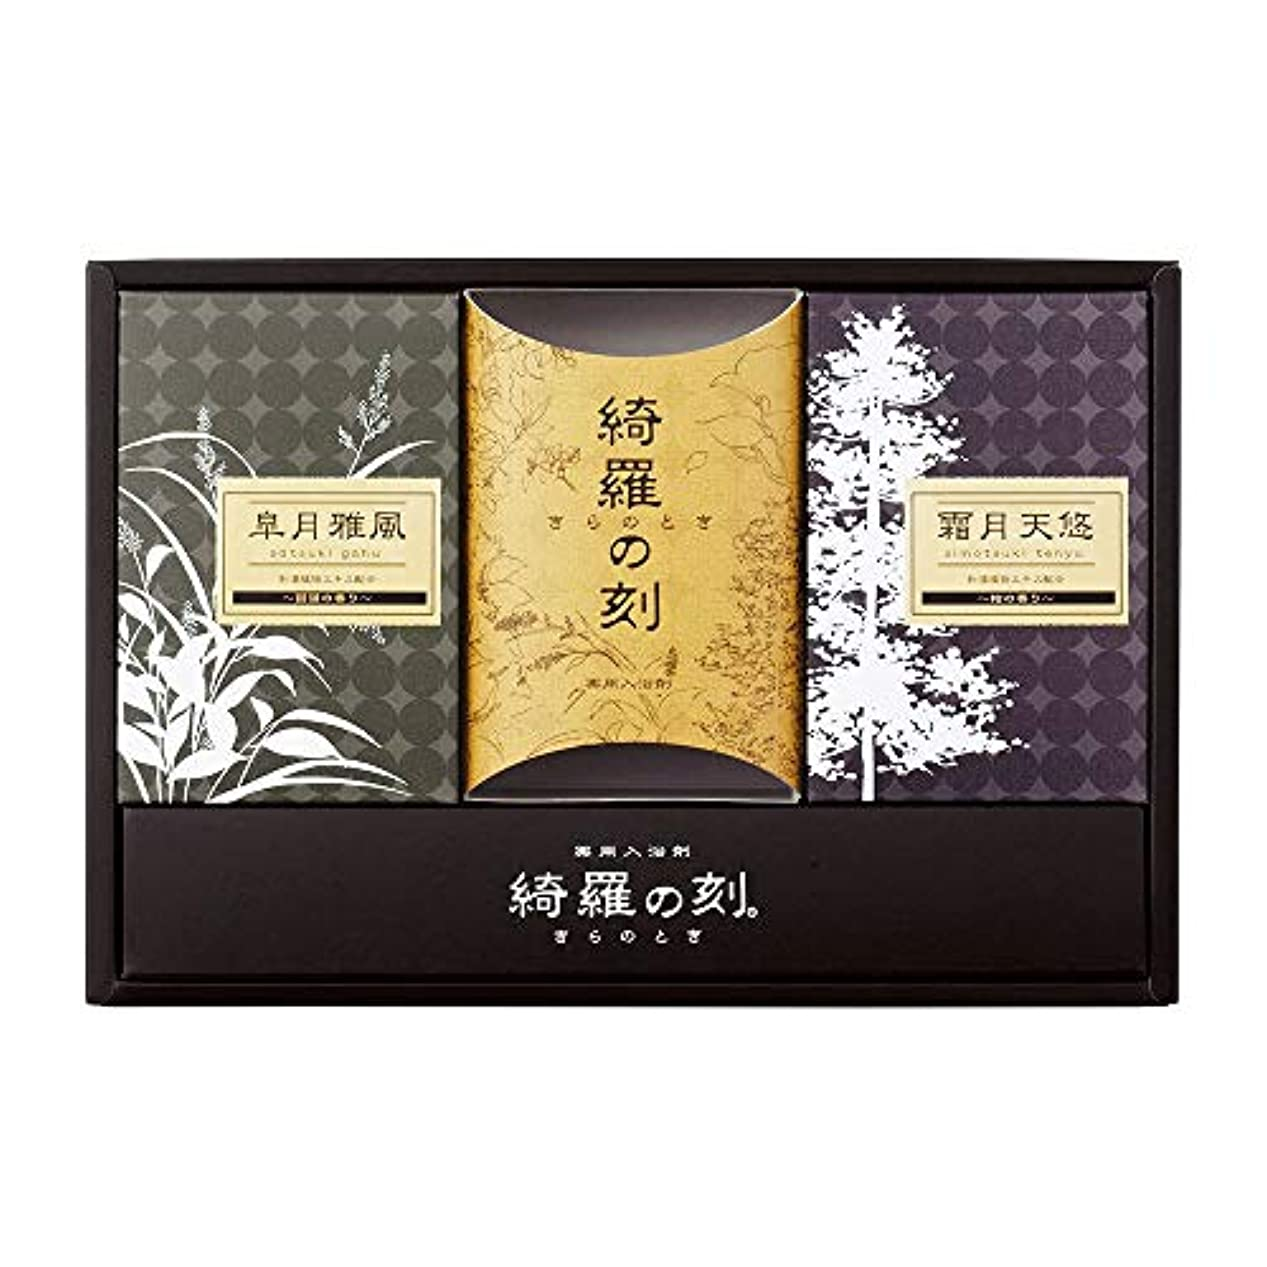 パネル腹側綺羅の刻 薬用ギフト KRA-10 入浴剤ギフト